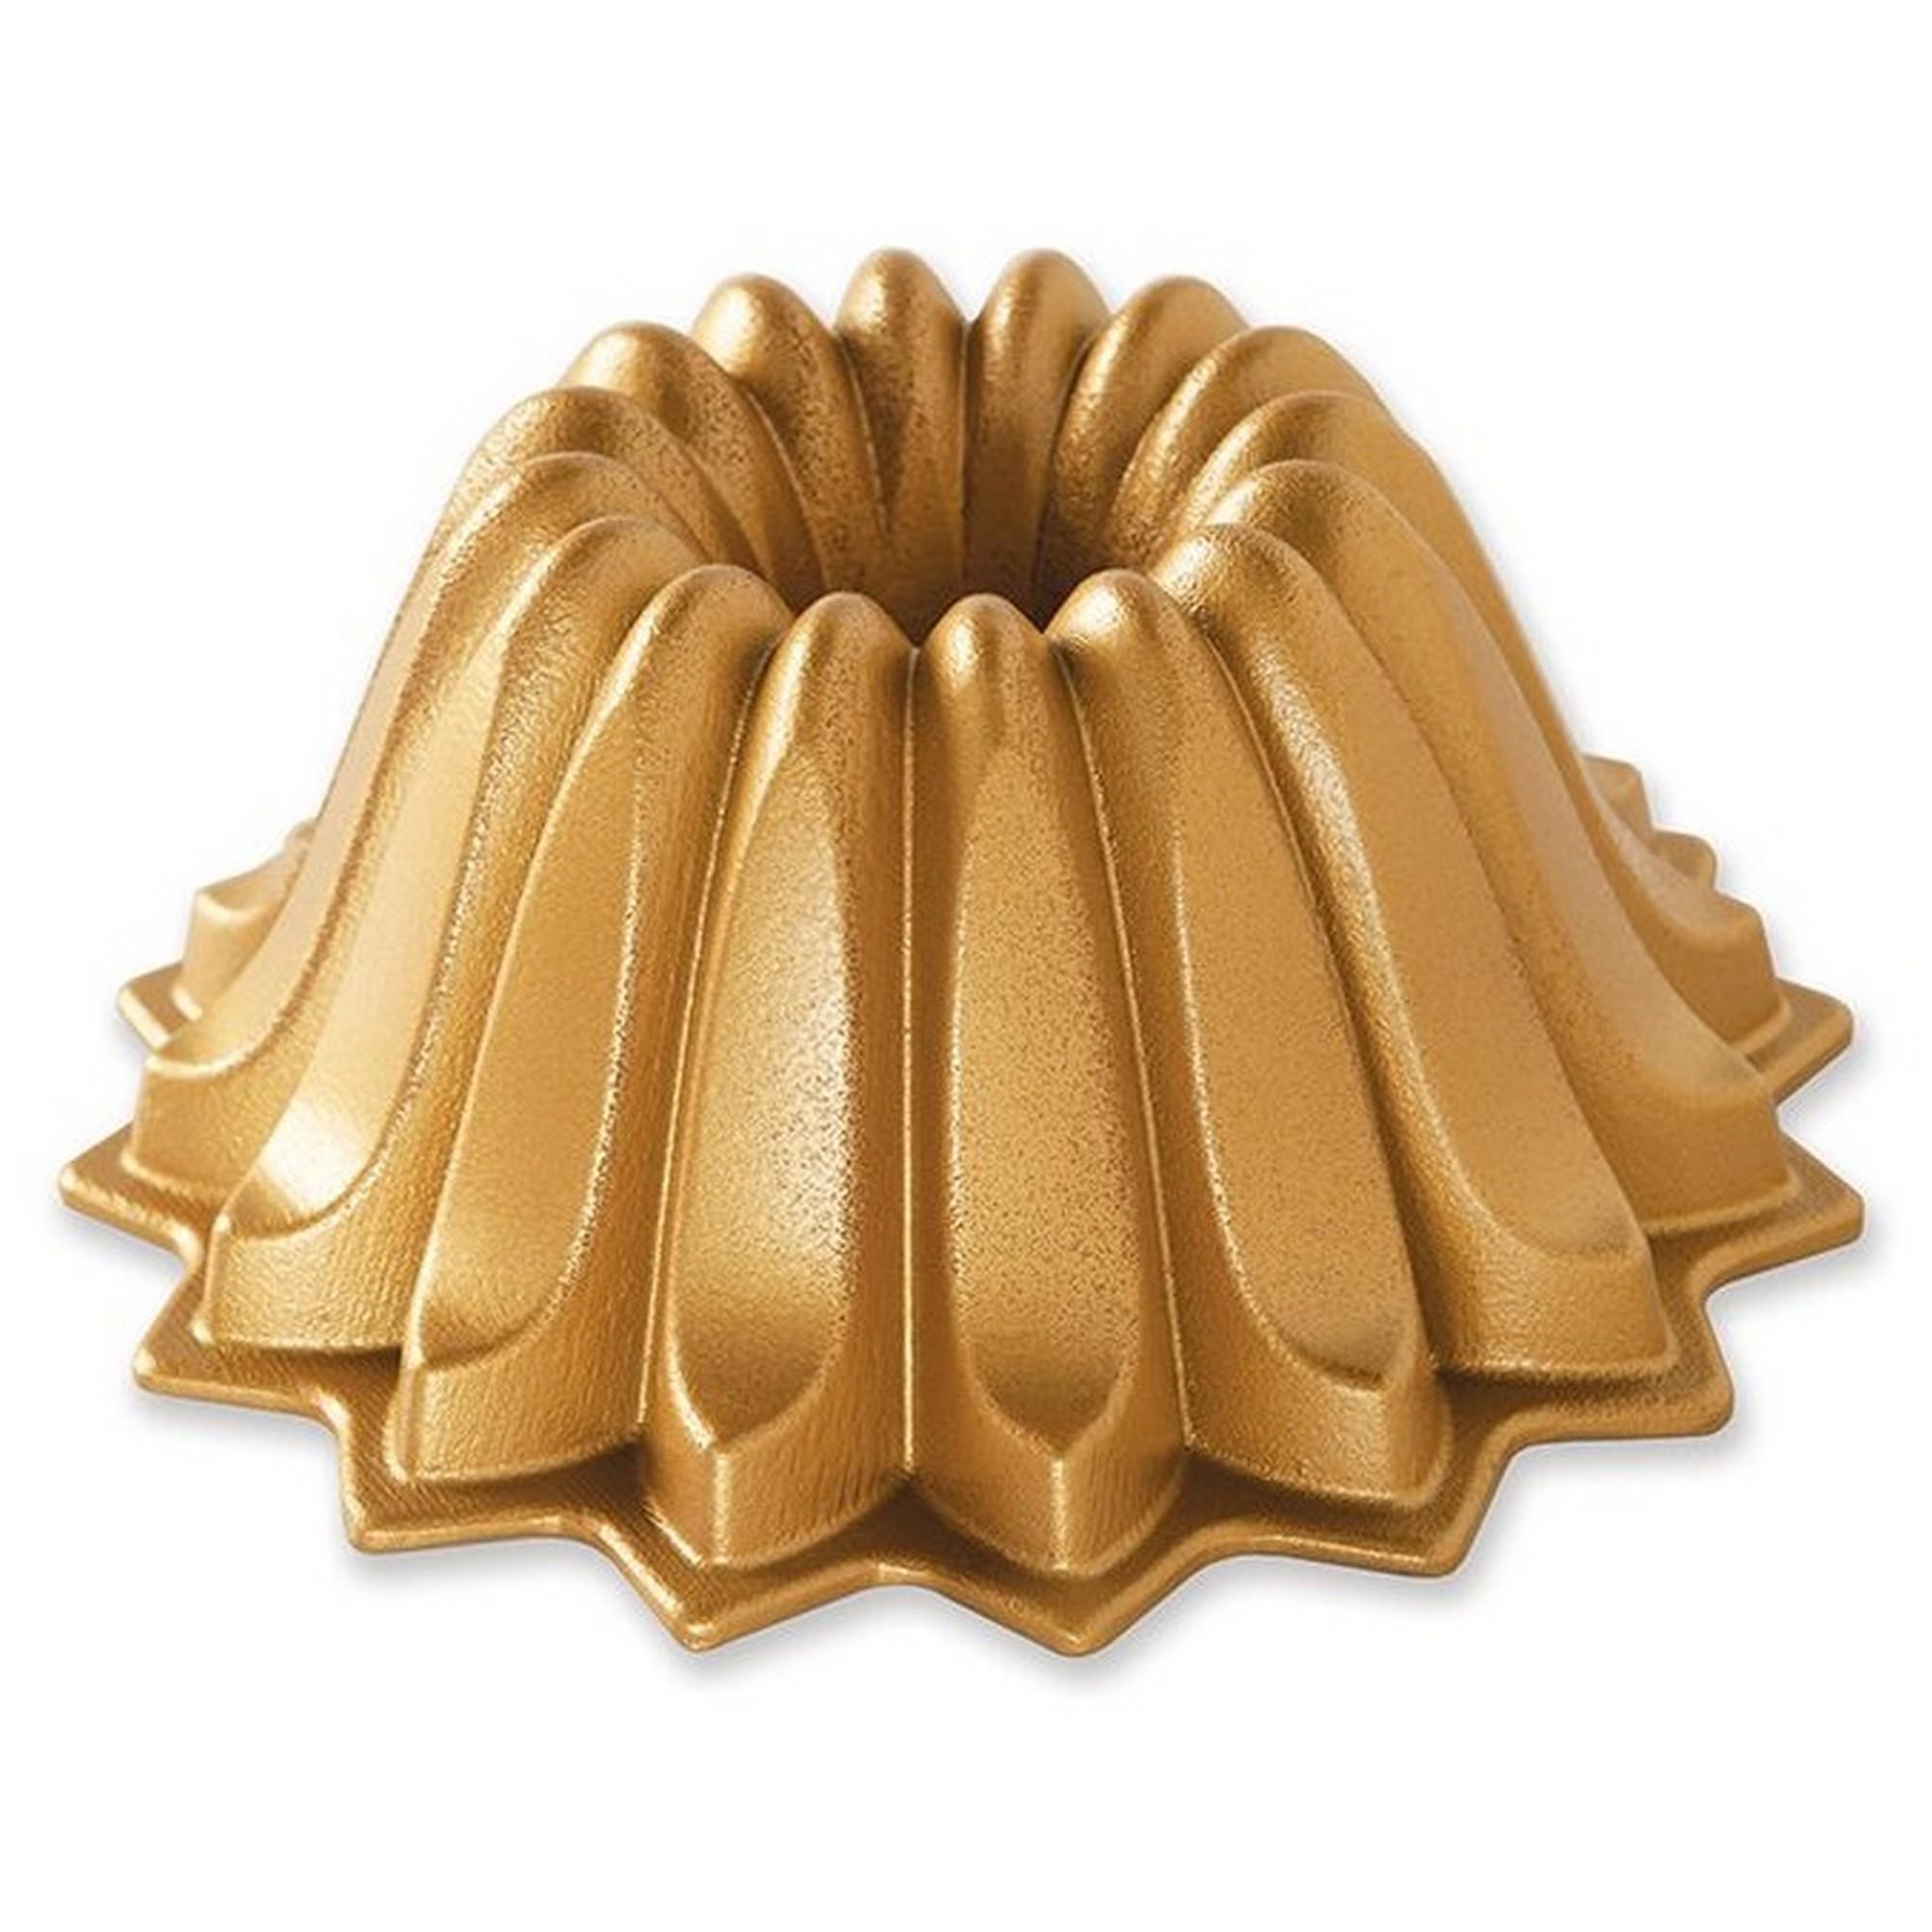 Fôrma para Bolo Nordic Ware Lotus Bundt Redonda 22cm Dourada de Alumínio Fundido